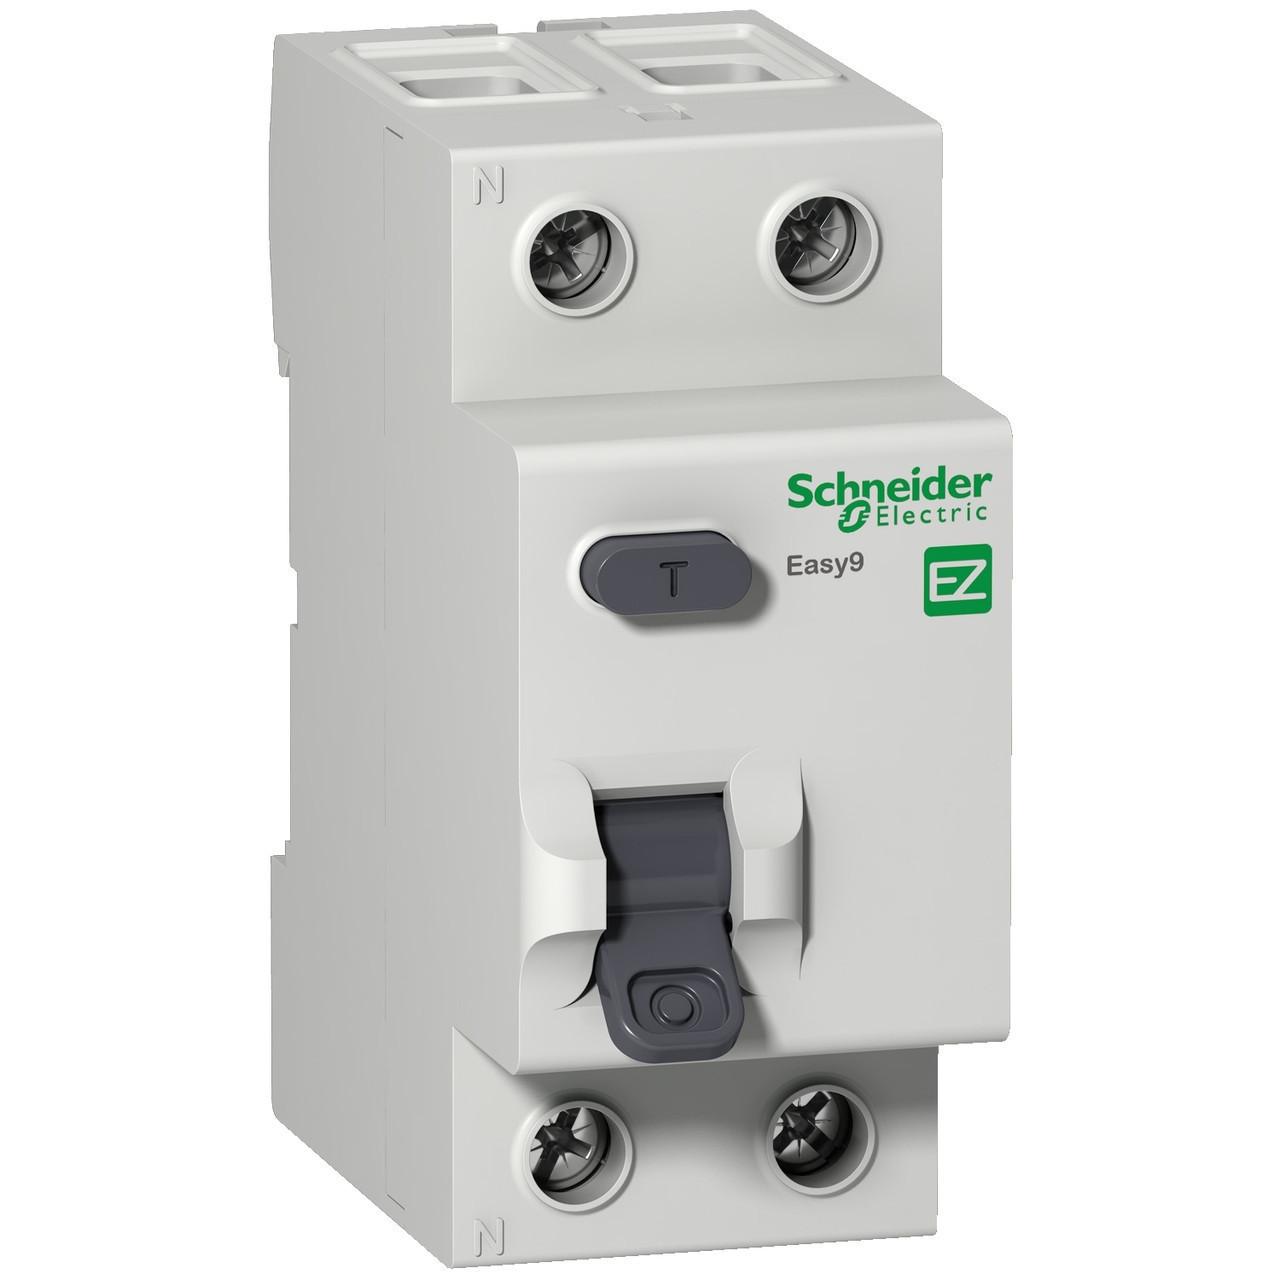 Дифференциальный выключатель EZ9R34263 Easy9 Schneider 2П 63A 30MA AC 36мм